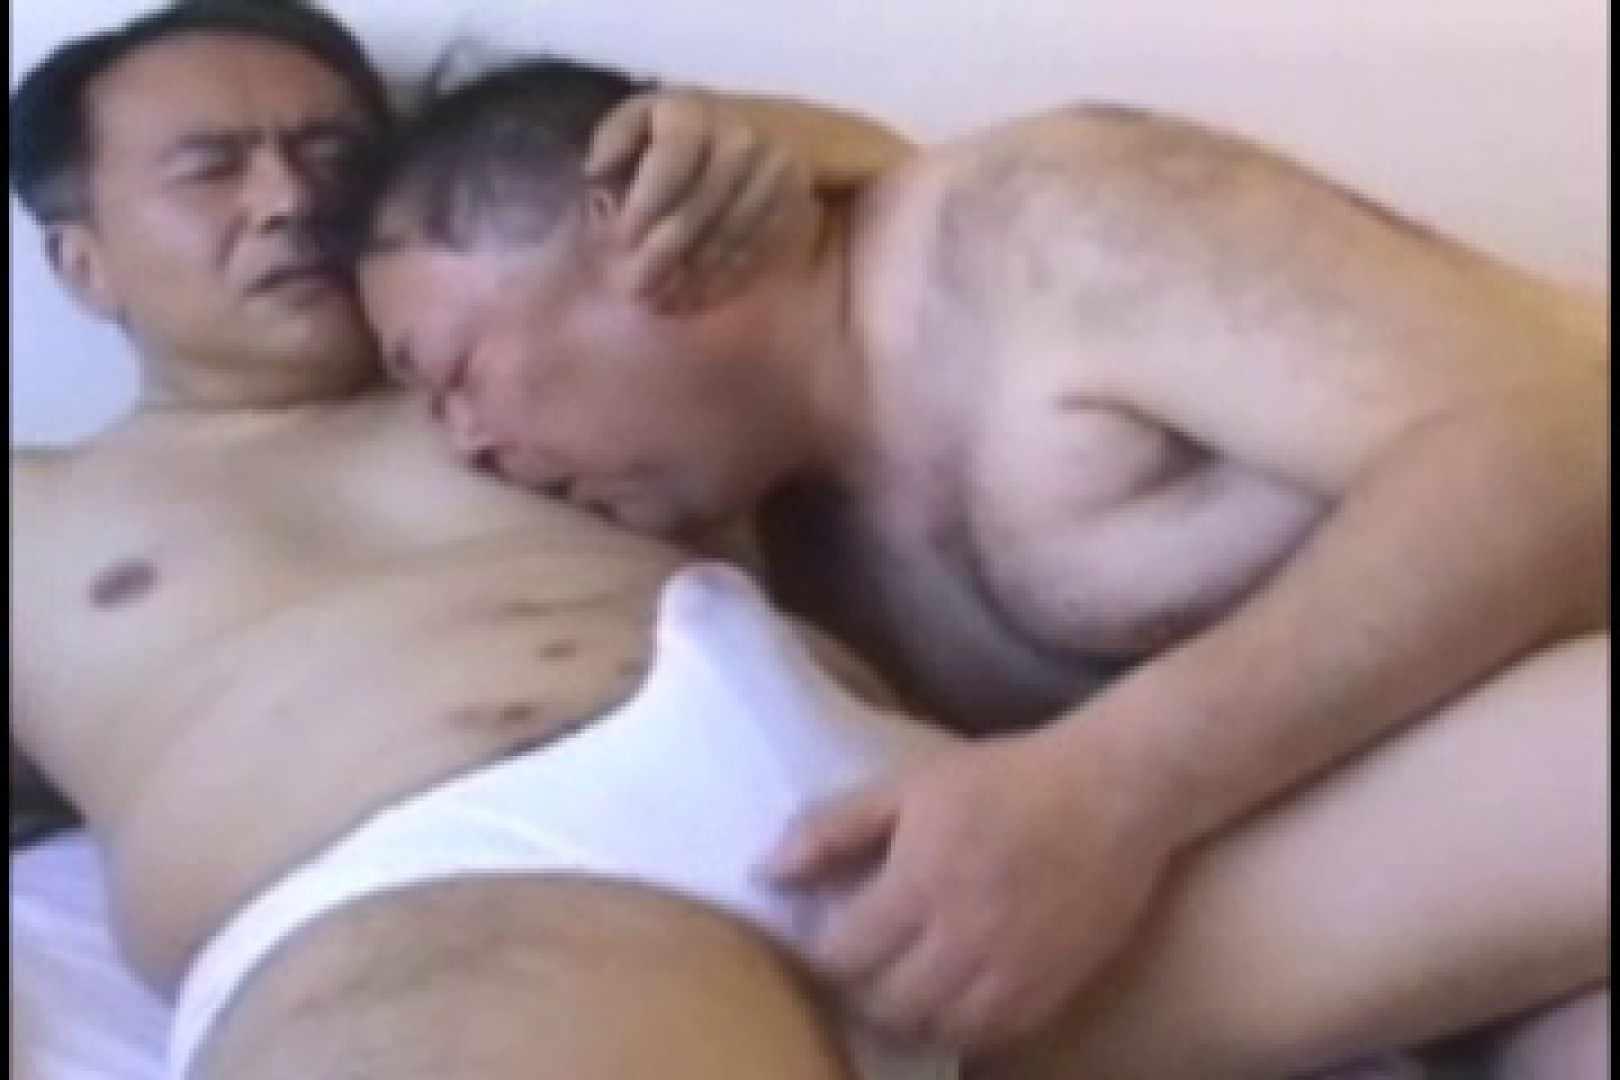 中年旦那の発情記 ゲイのオナニー映像   中年おじさん  99枚 37